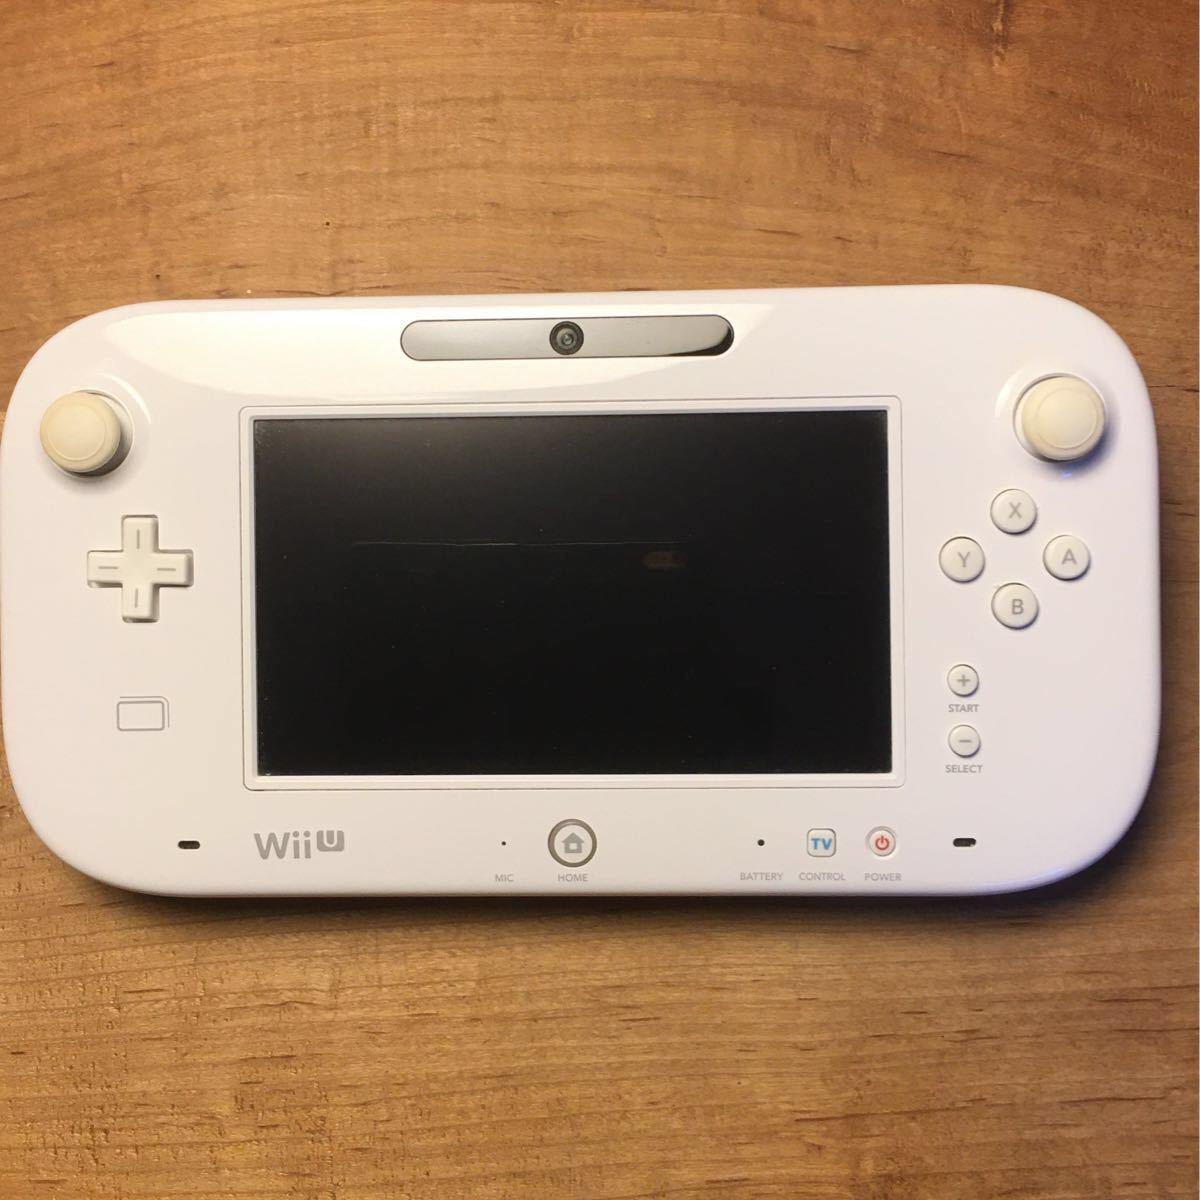 Wii Uゲームパッド + 充電スタンド